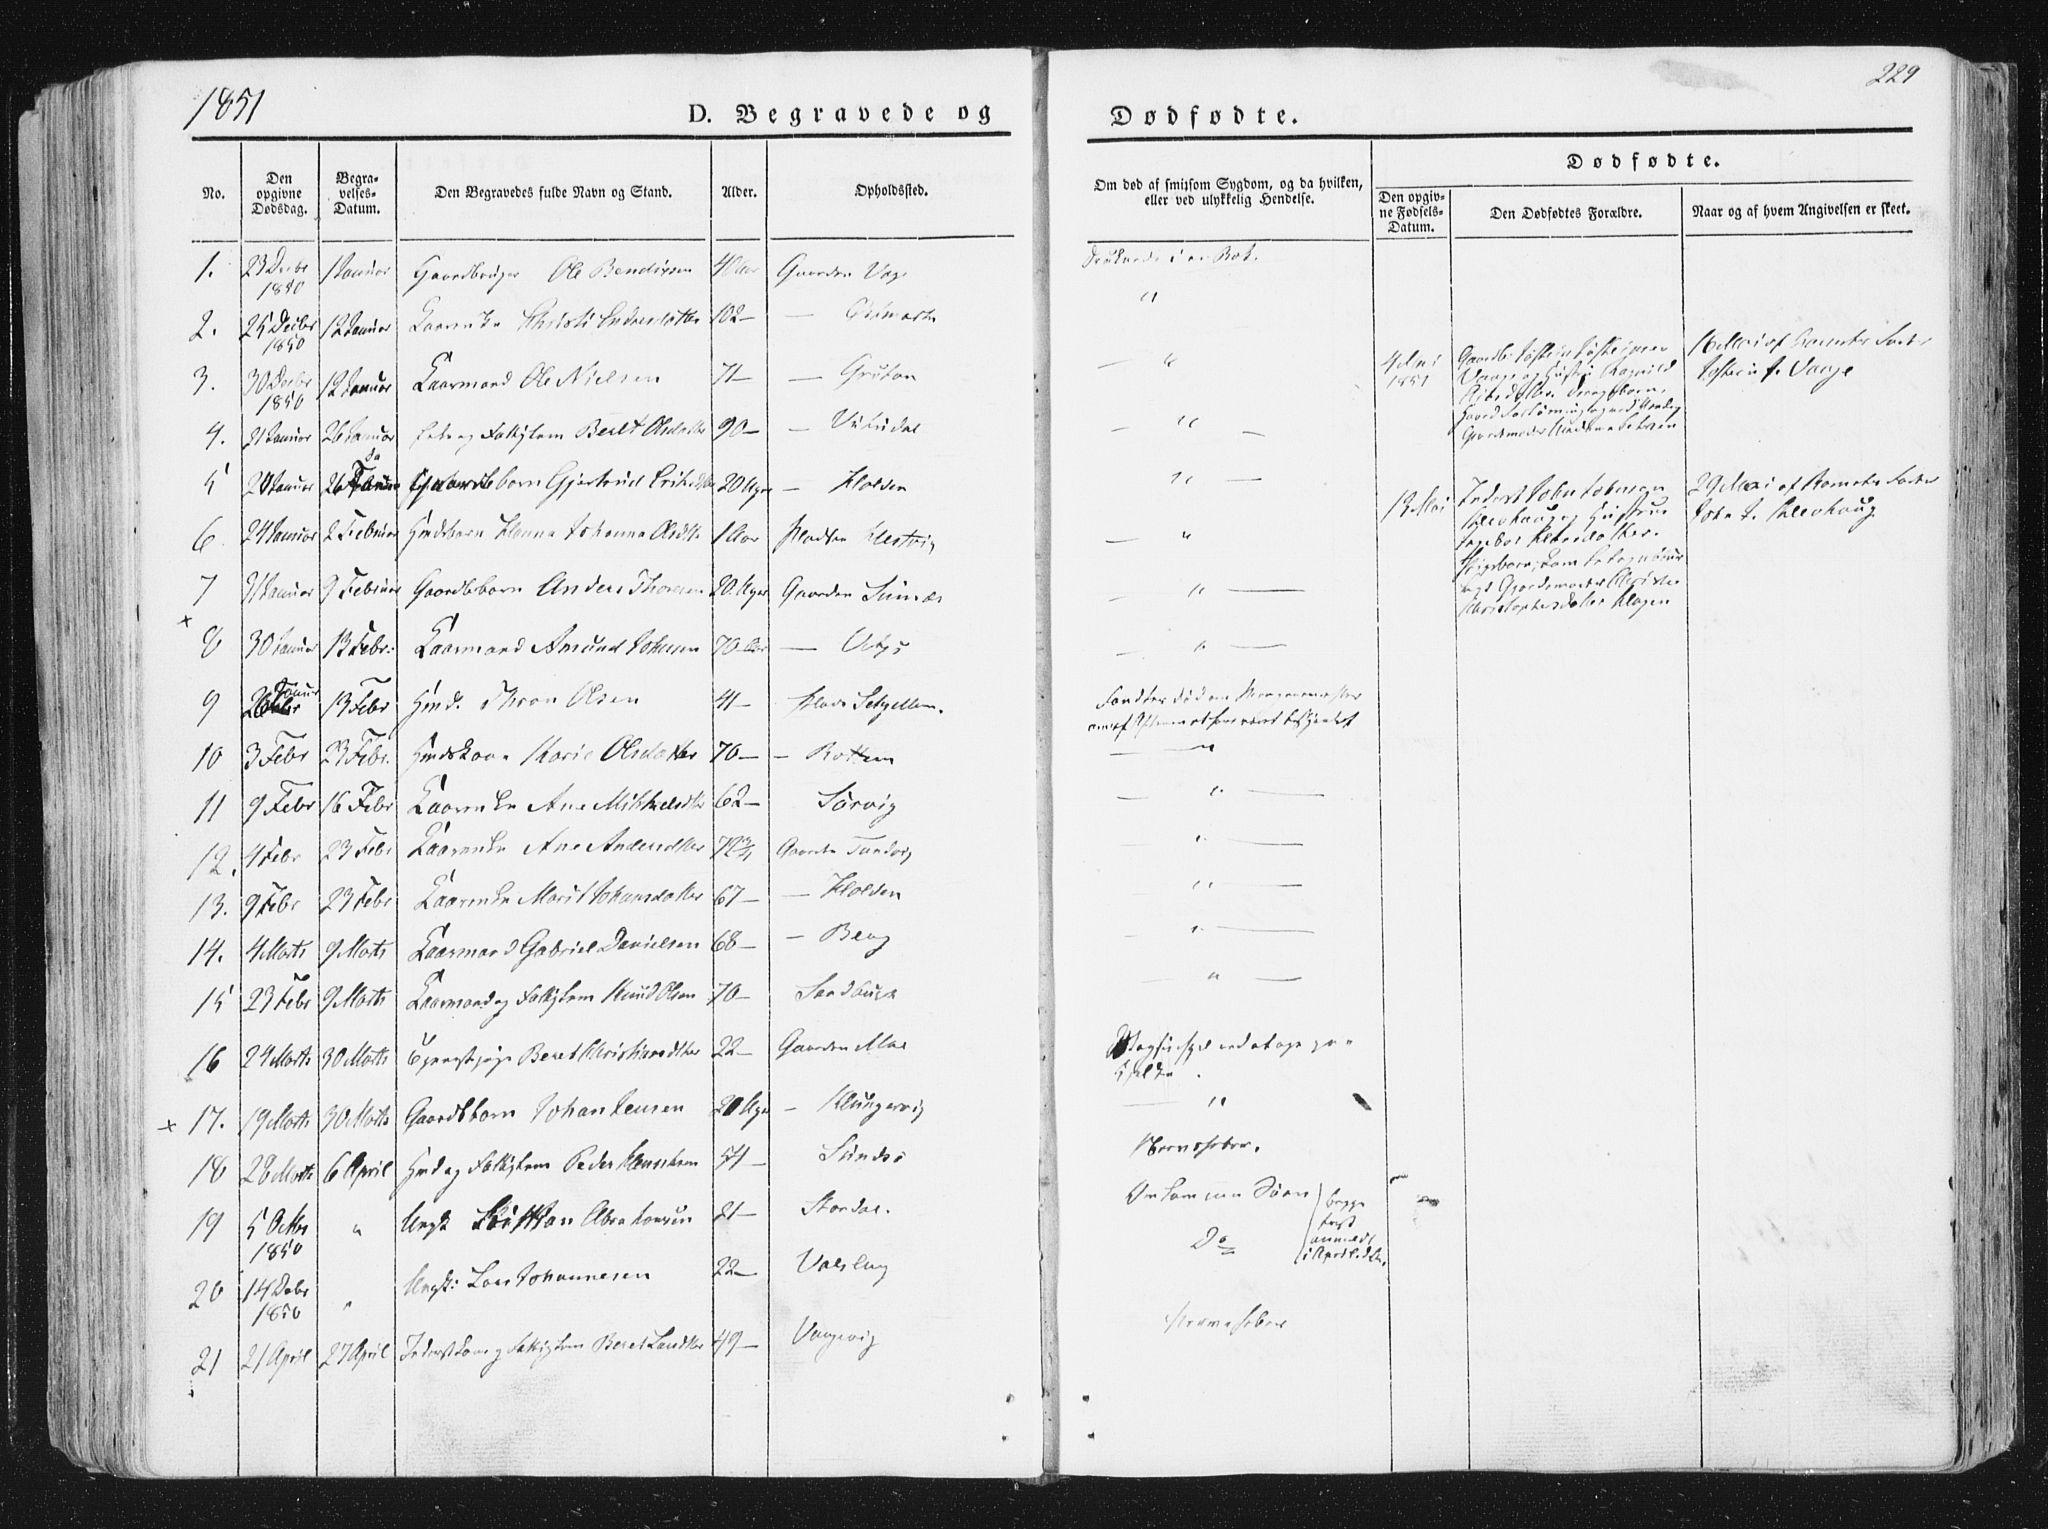 SAT, Ministerialprotokoller, klokkerbøker og fødselsregistre - Sør-Trøndelag, 630/L0493: Ministerialbok nr. 630A06, 1841-1851, s. 229